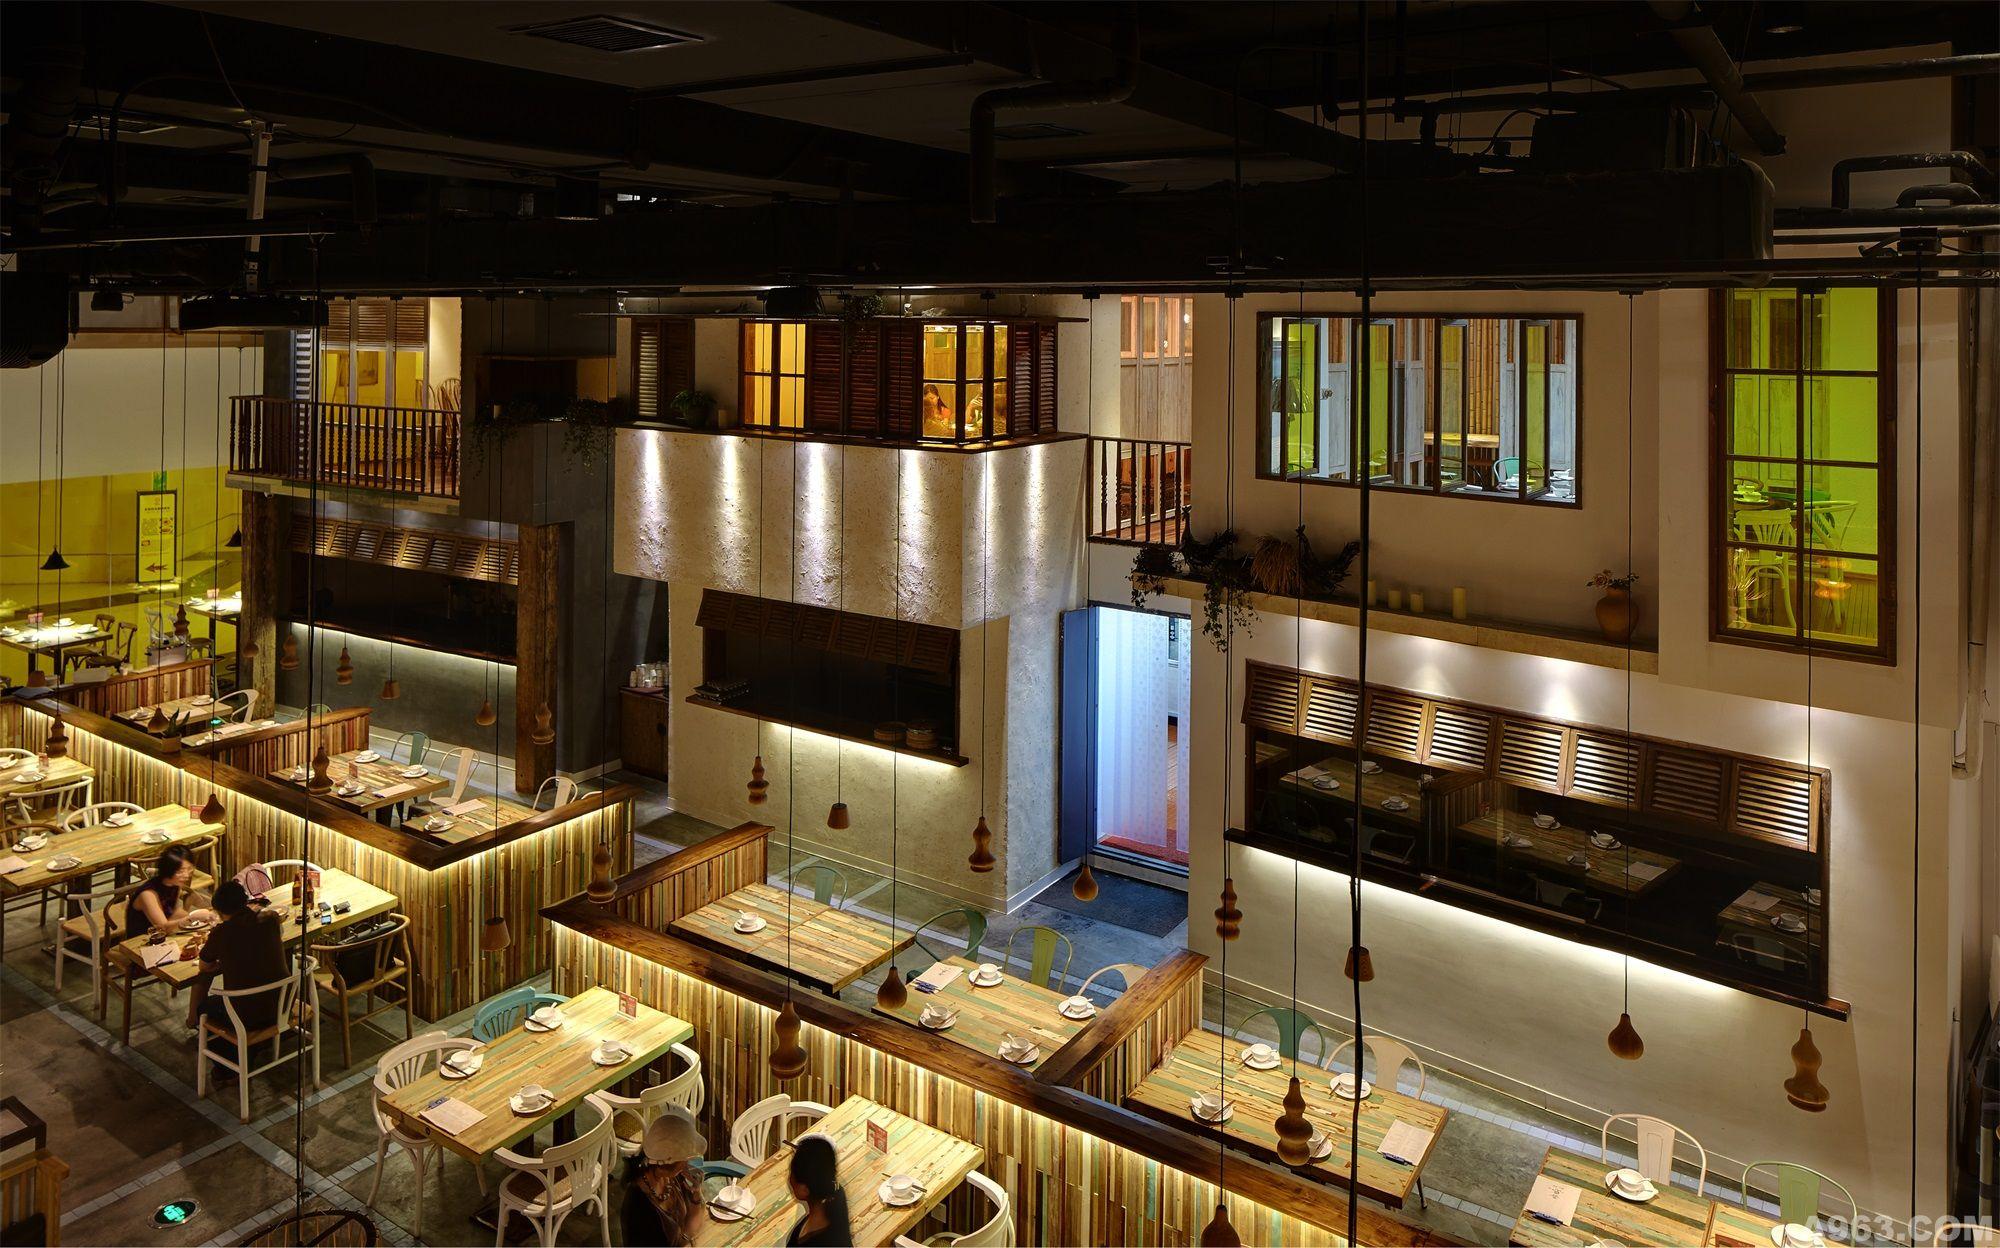 吾岛·融合餐厅 - 餐饮空间 - 第6页 - 朱晓鸣设计